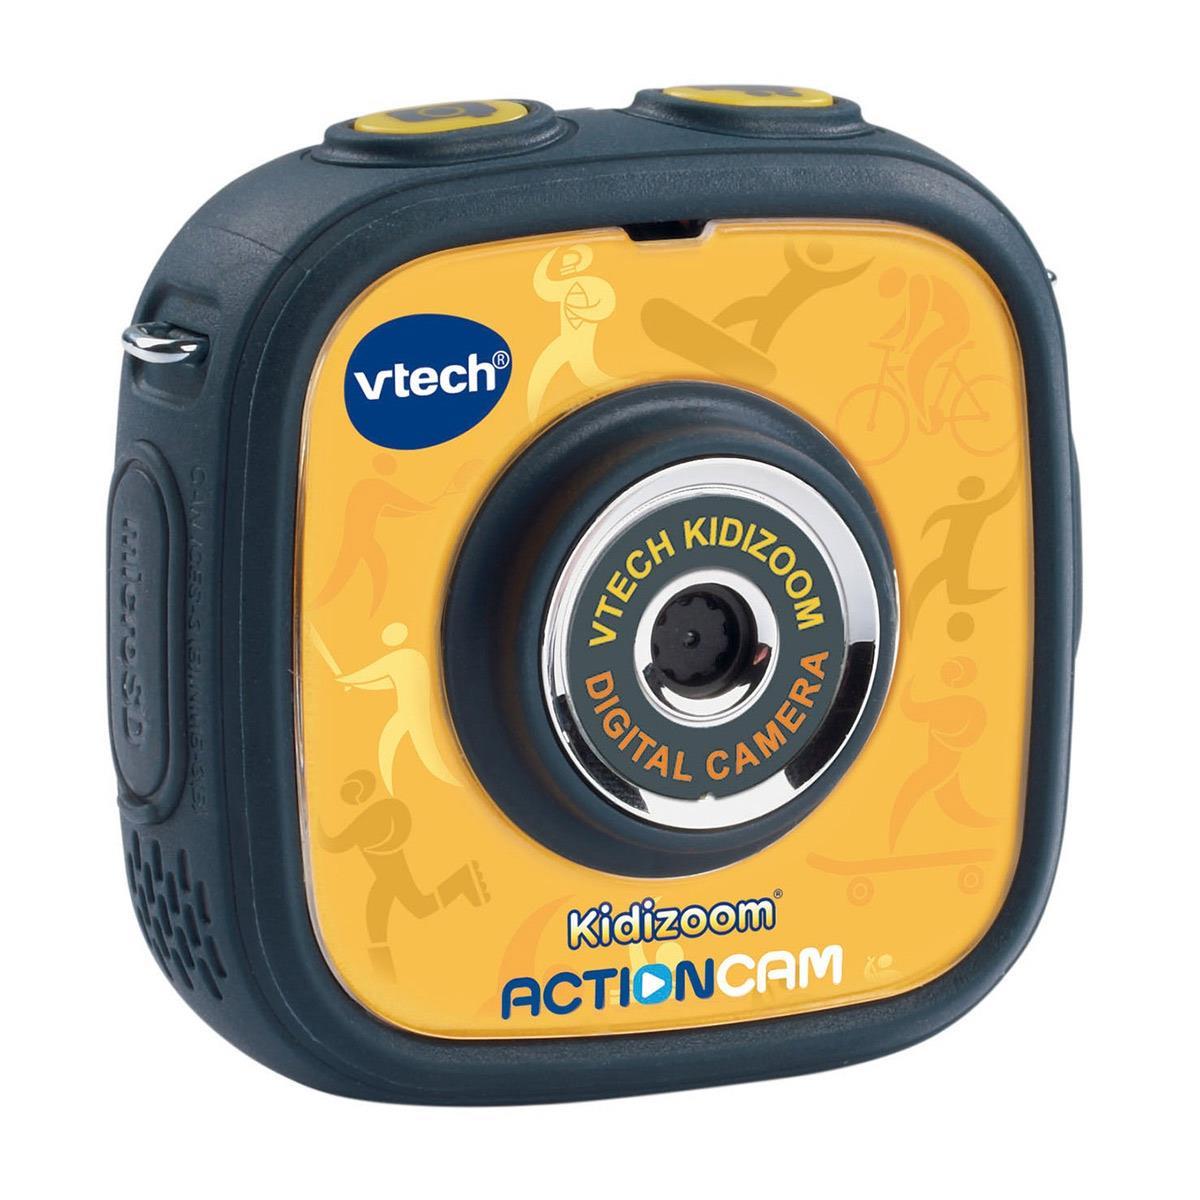 Kamera Kidizoom Action Cam VTech